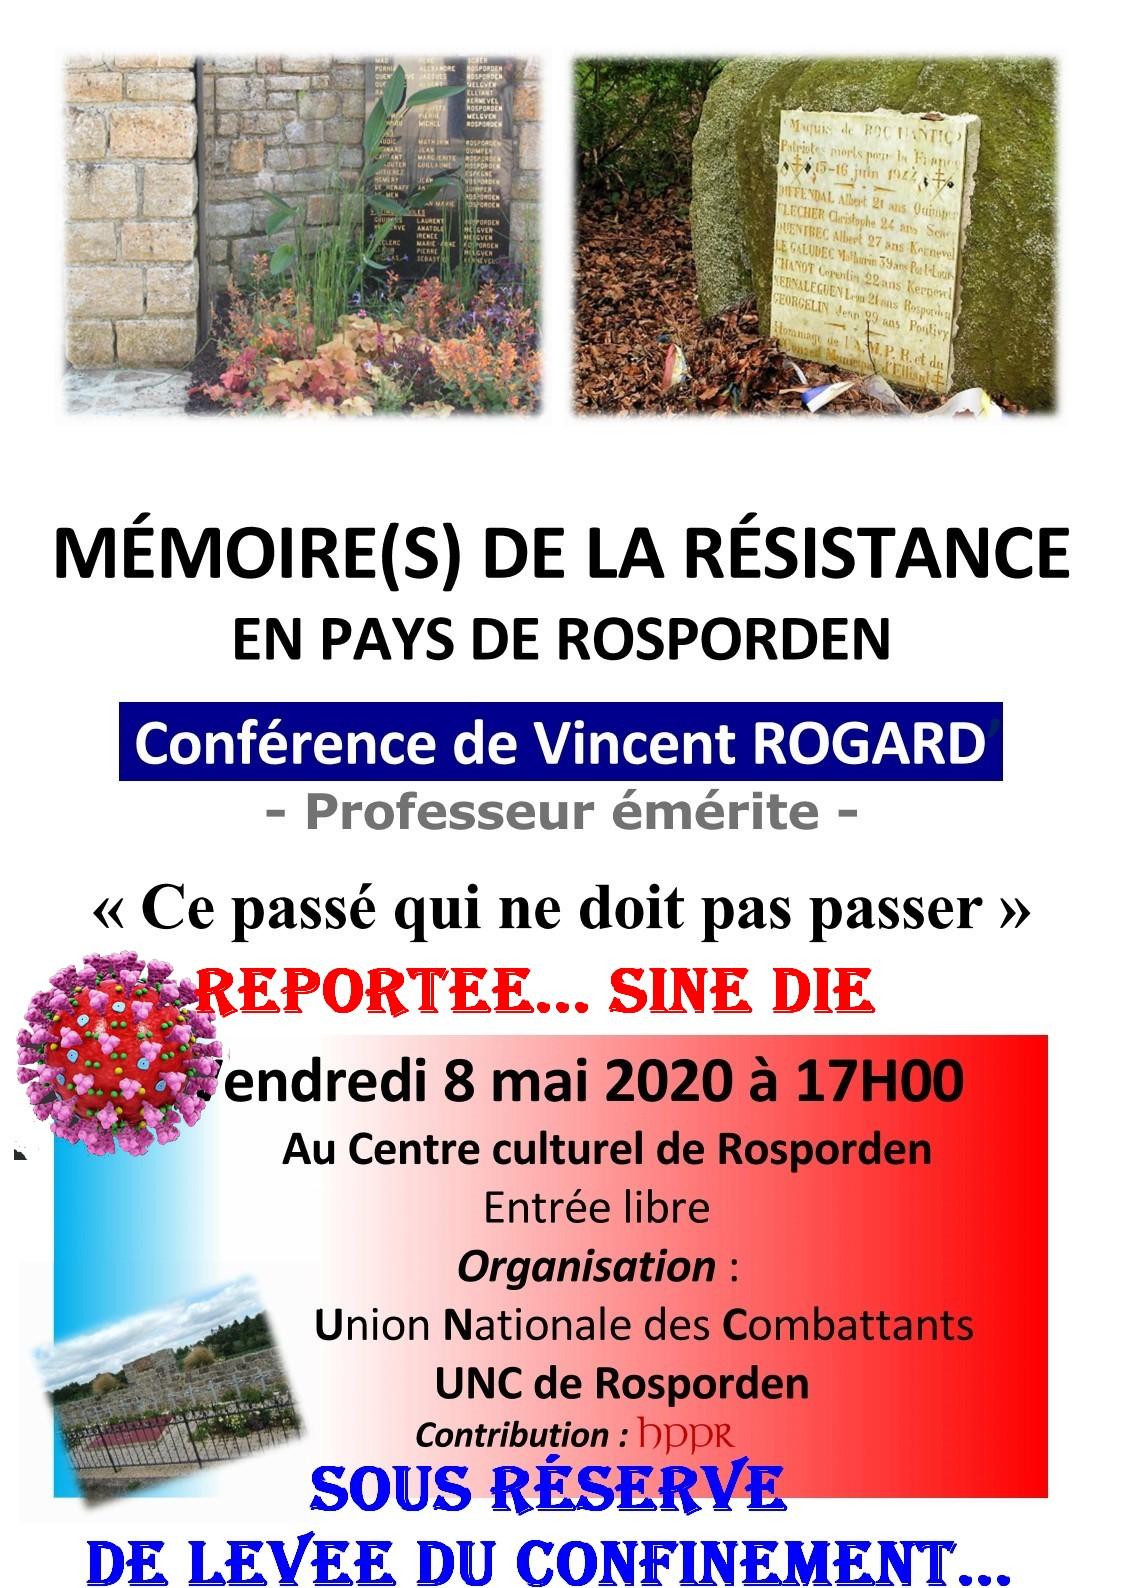 Vincent ROGARD & UNC